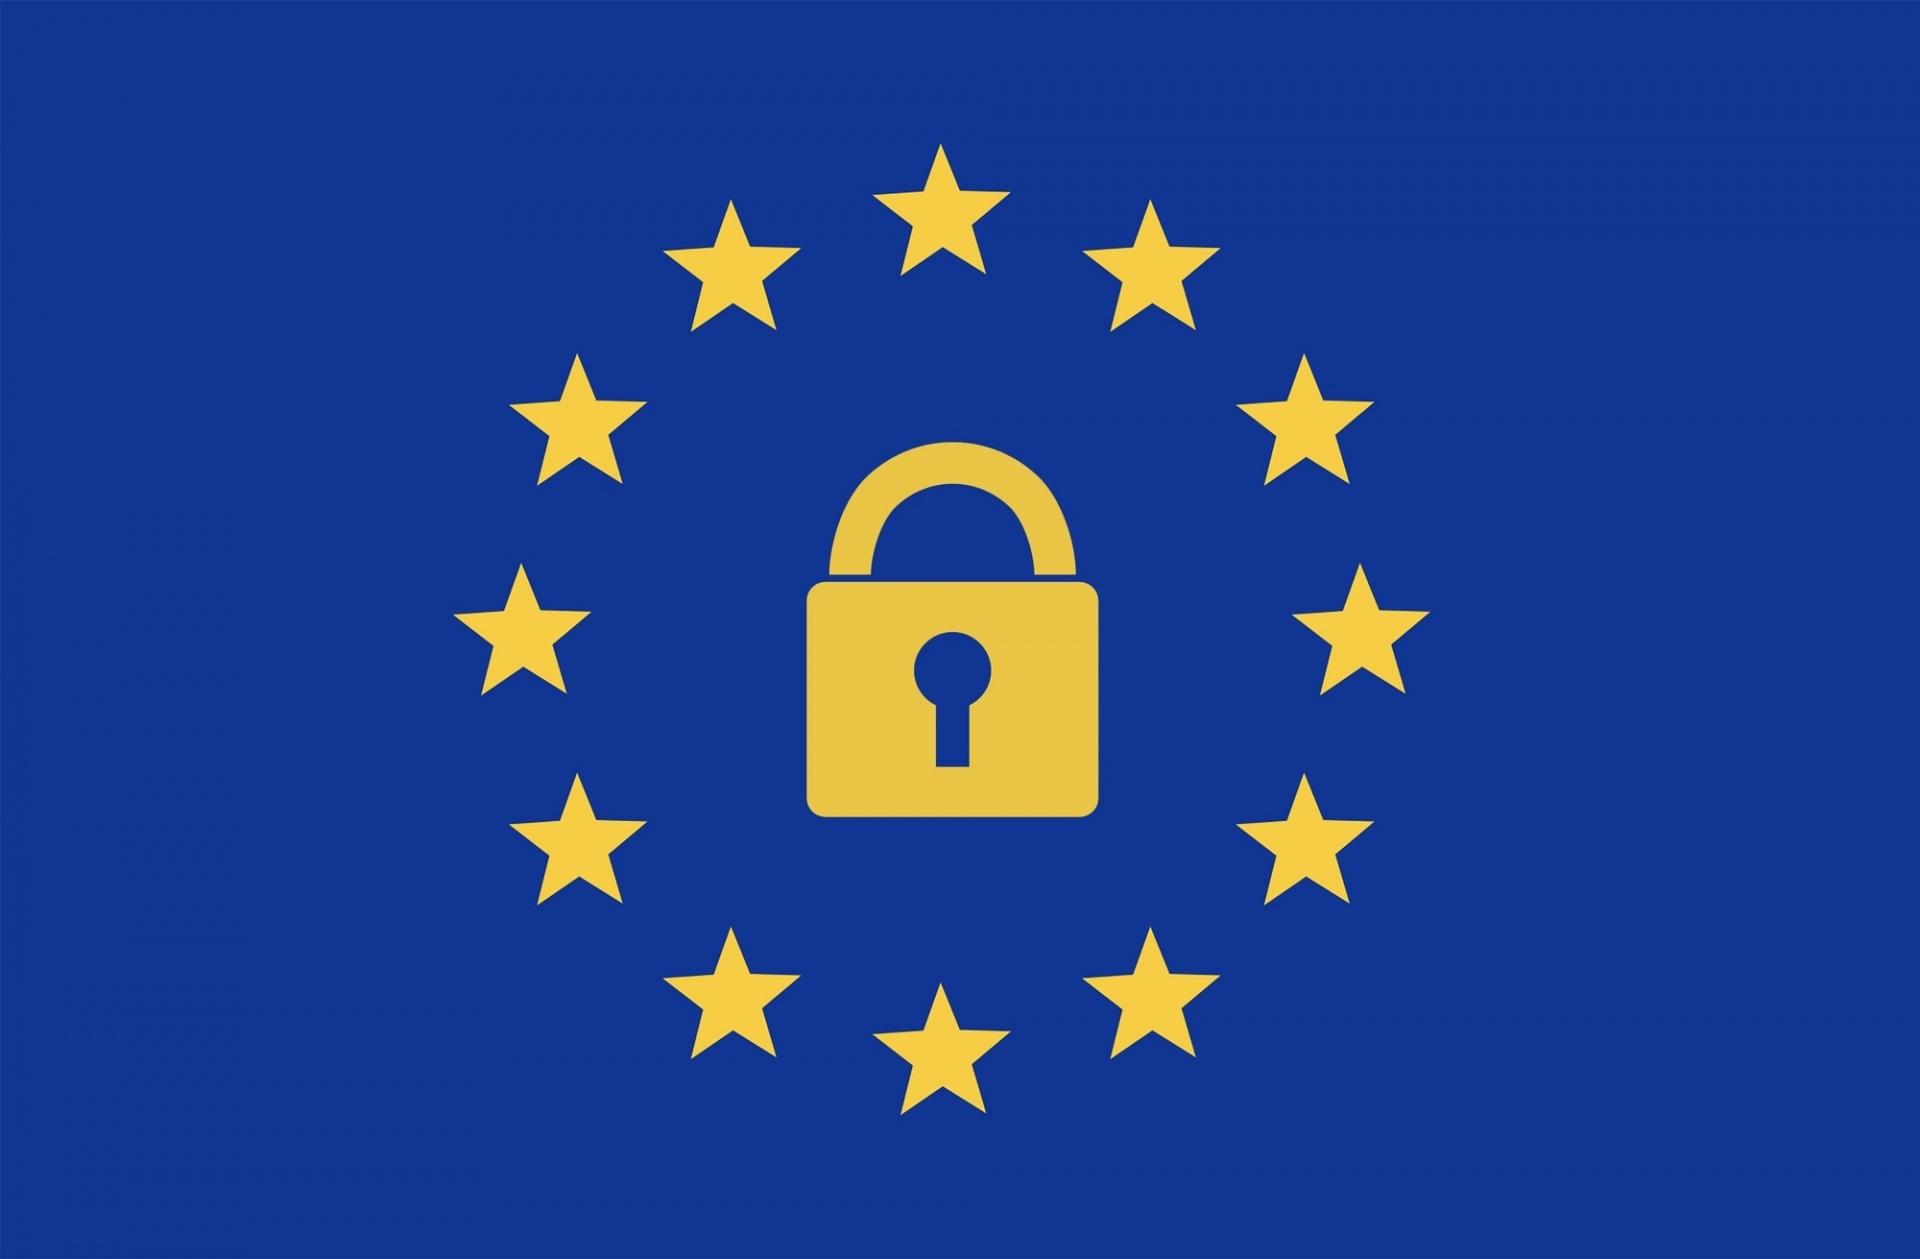 Bild: Europäische Flagge mit einem Vorhängeschloss in der Mitte zwischen den Sternen